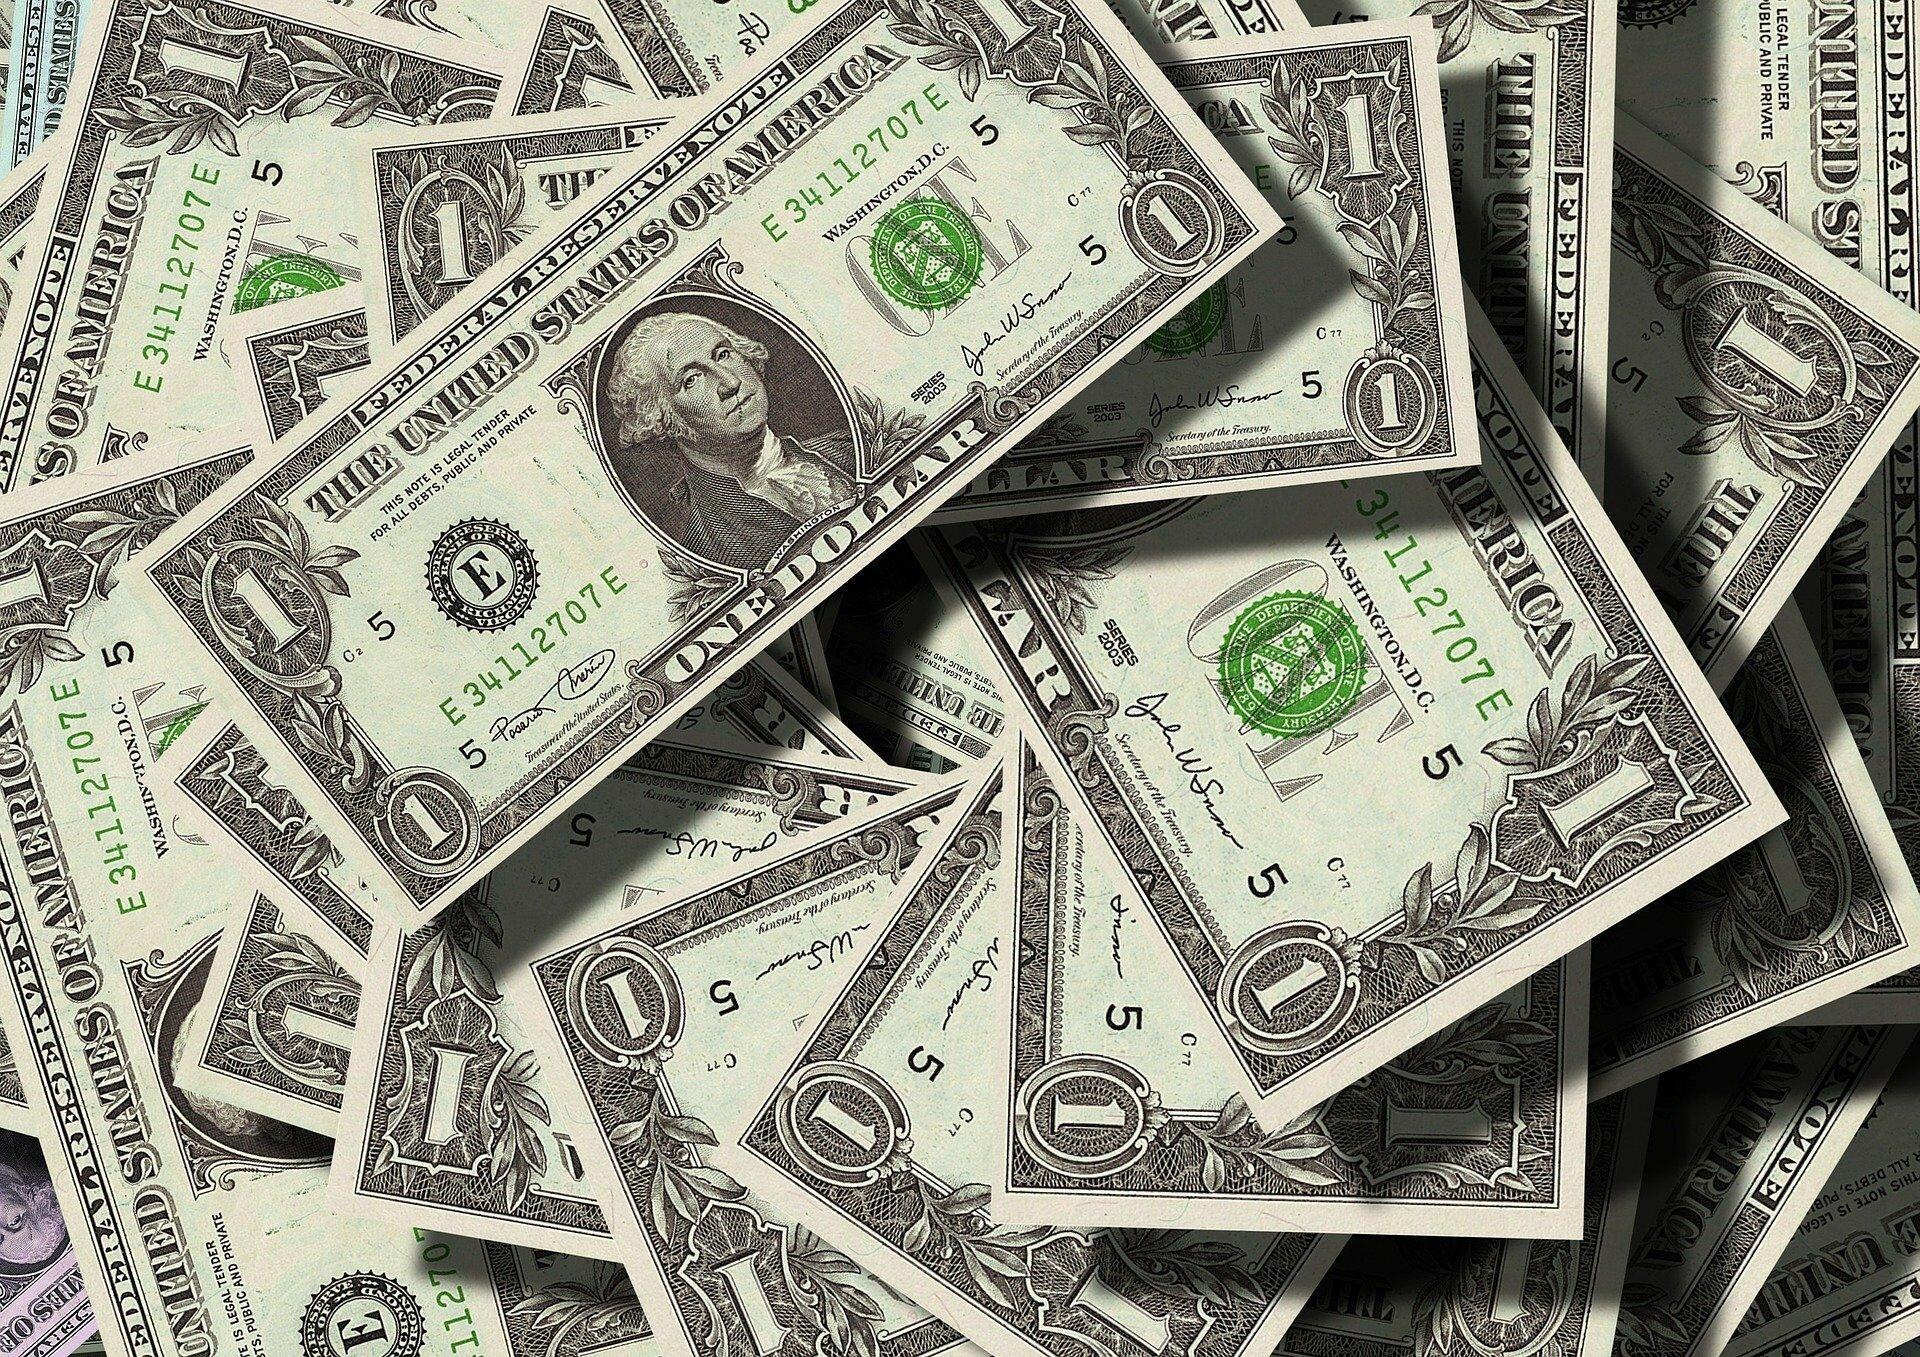 أسعار الدولار الامريكي مقابل الجنيه اليوم الخميس 2021/7/29